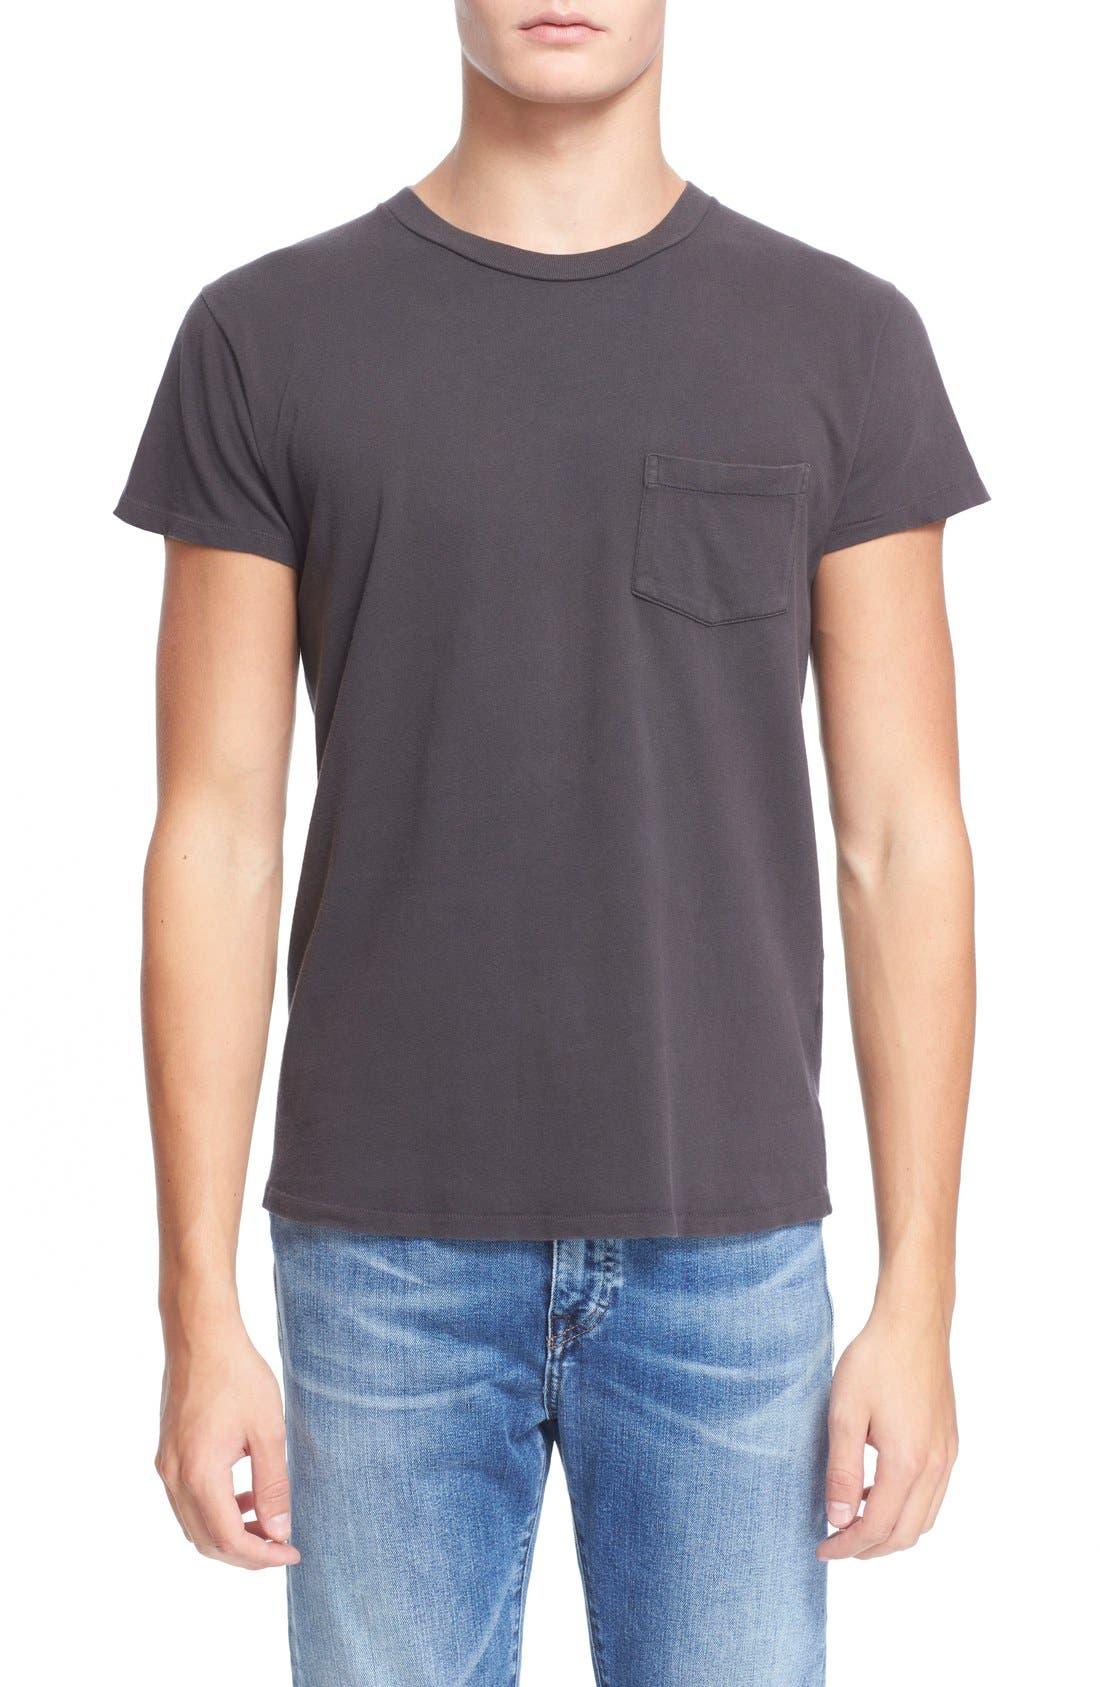 Levi's Vintage Clothing '1950s' Pocket T-Shirt,                             Main thumbnail 1, color,                             Black